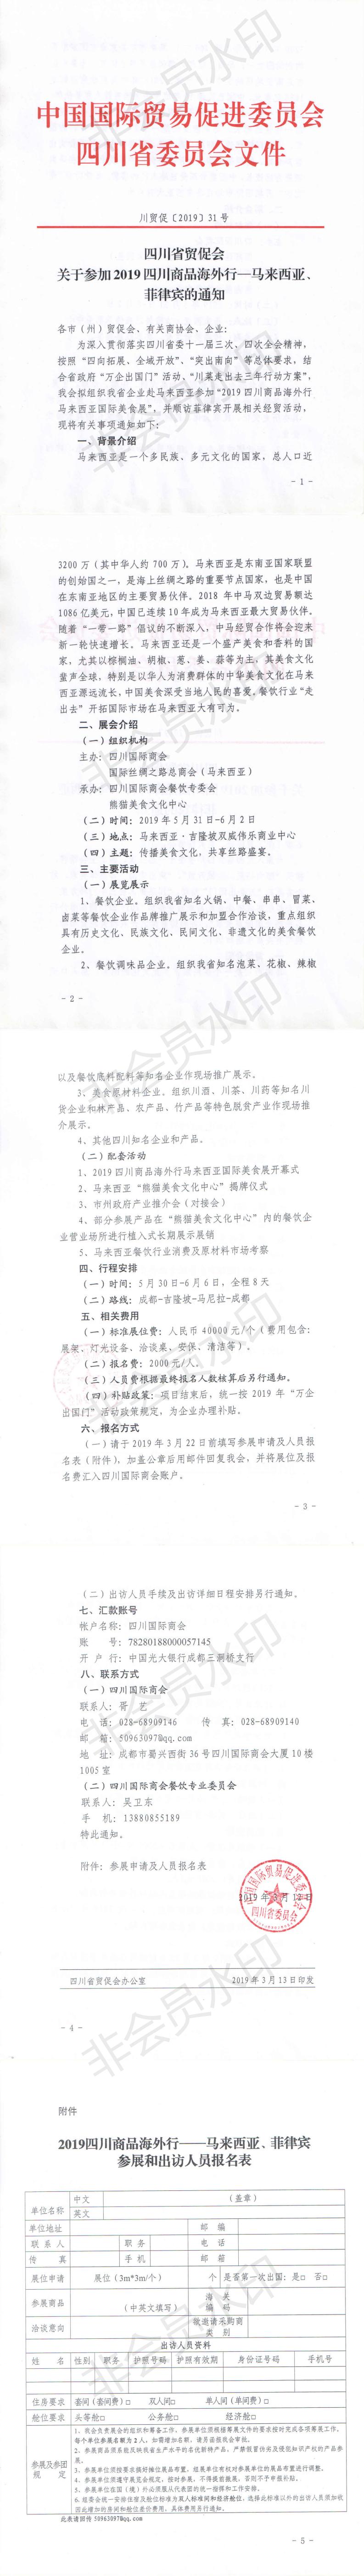 四川省贸促会对于参与2019四川商品海内行__马来西亚、菲律宾的告诉_0